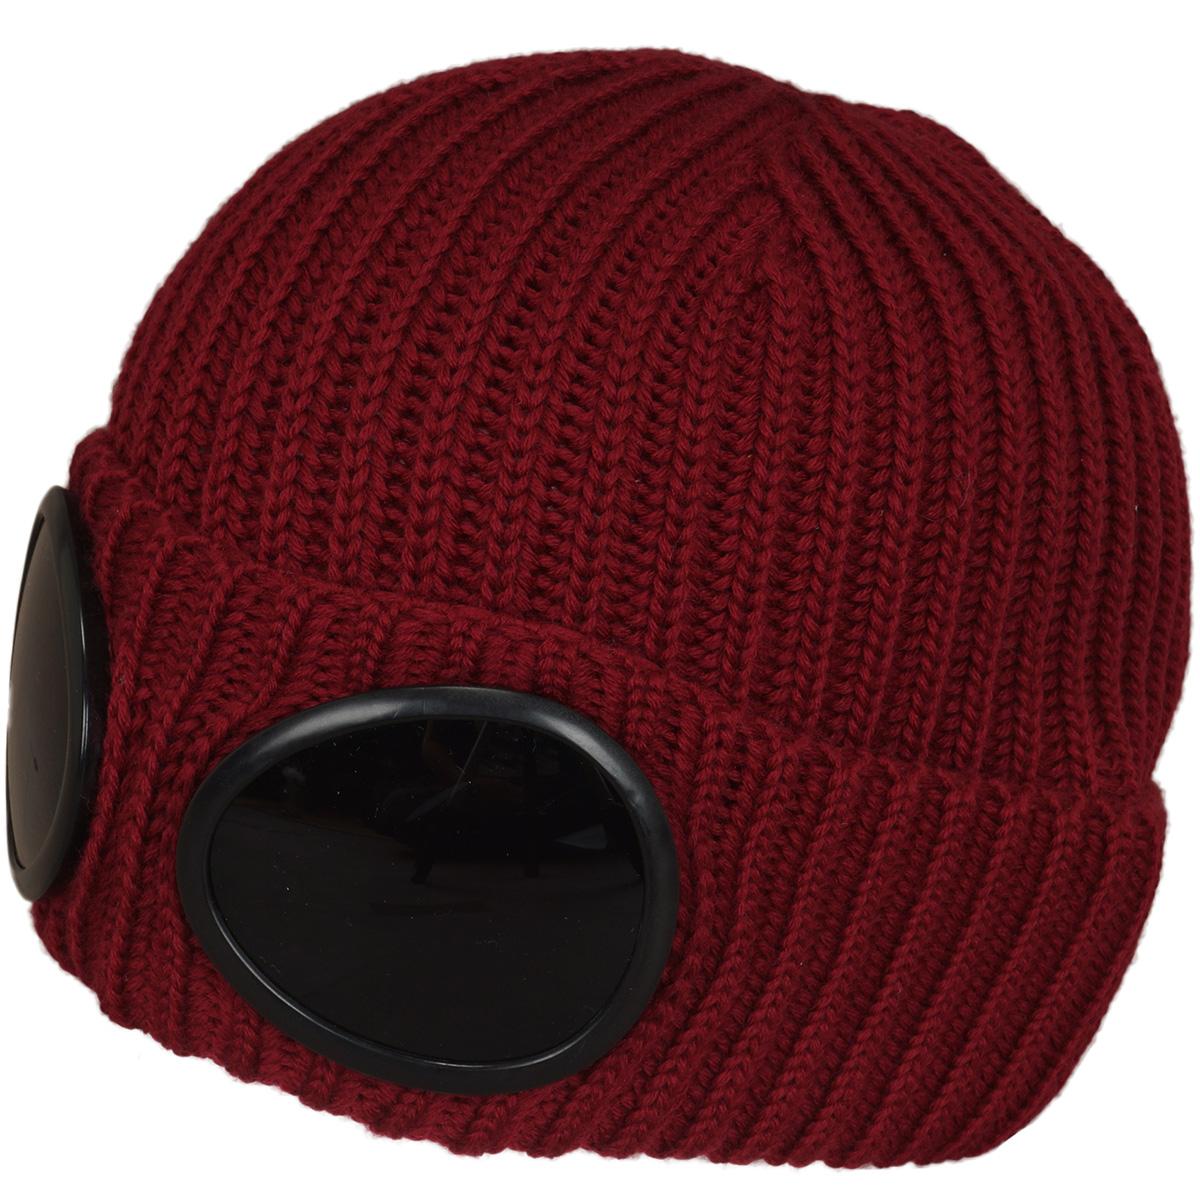 ゴーグル付きニット帽